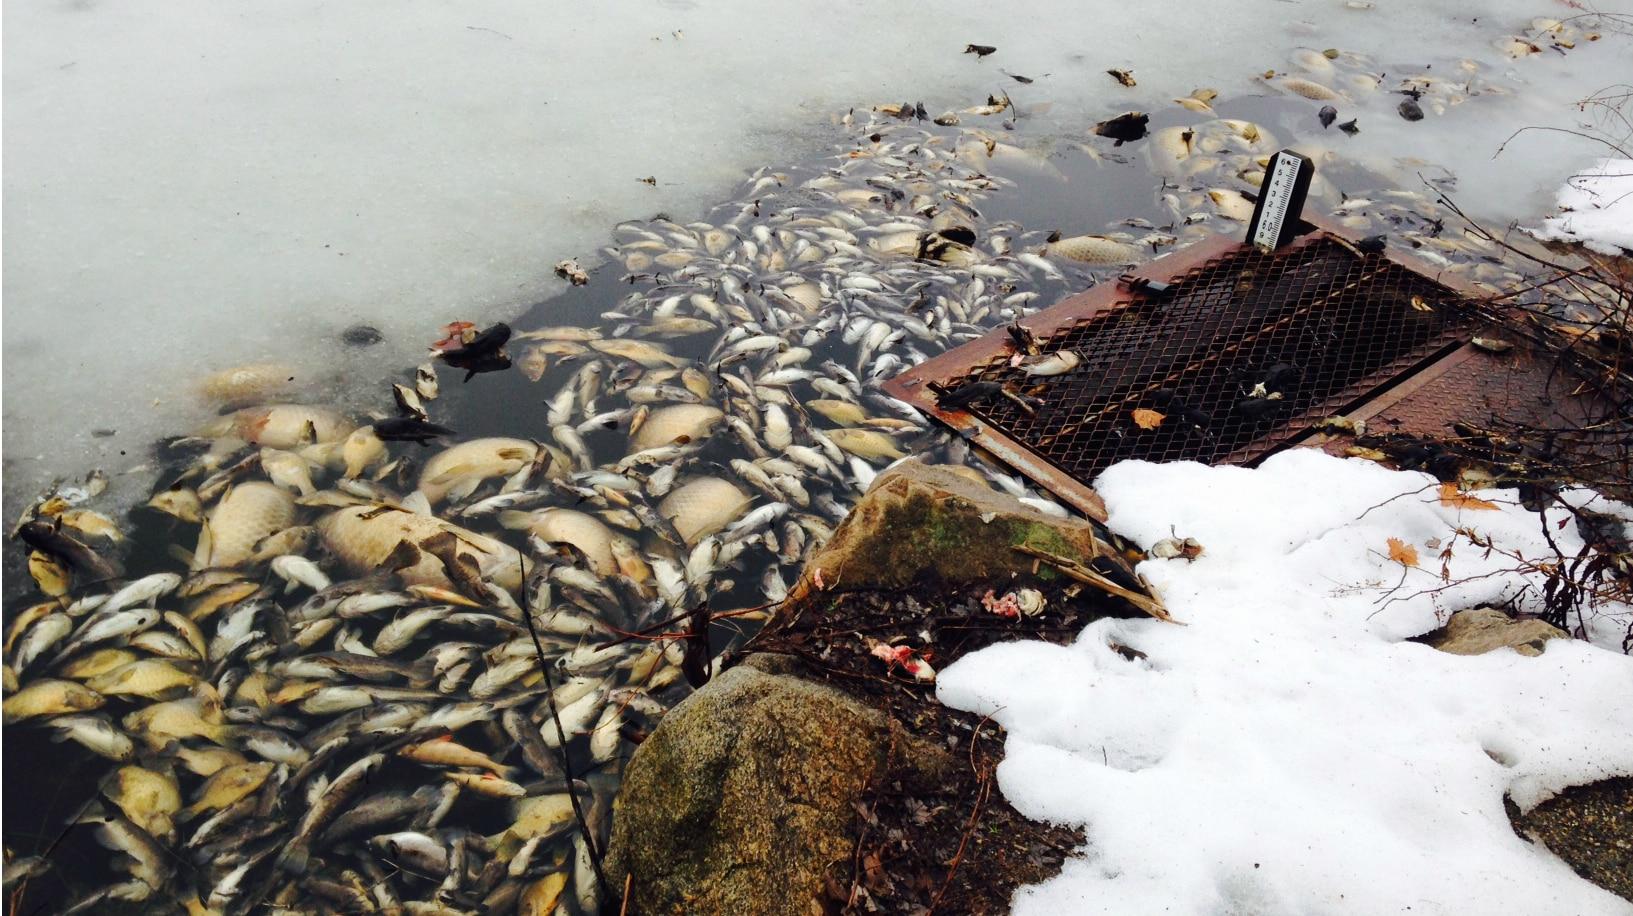 Winter fish kill